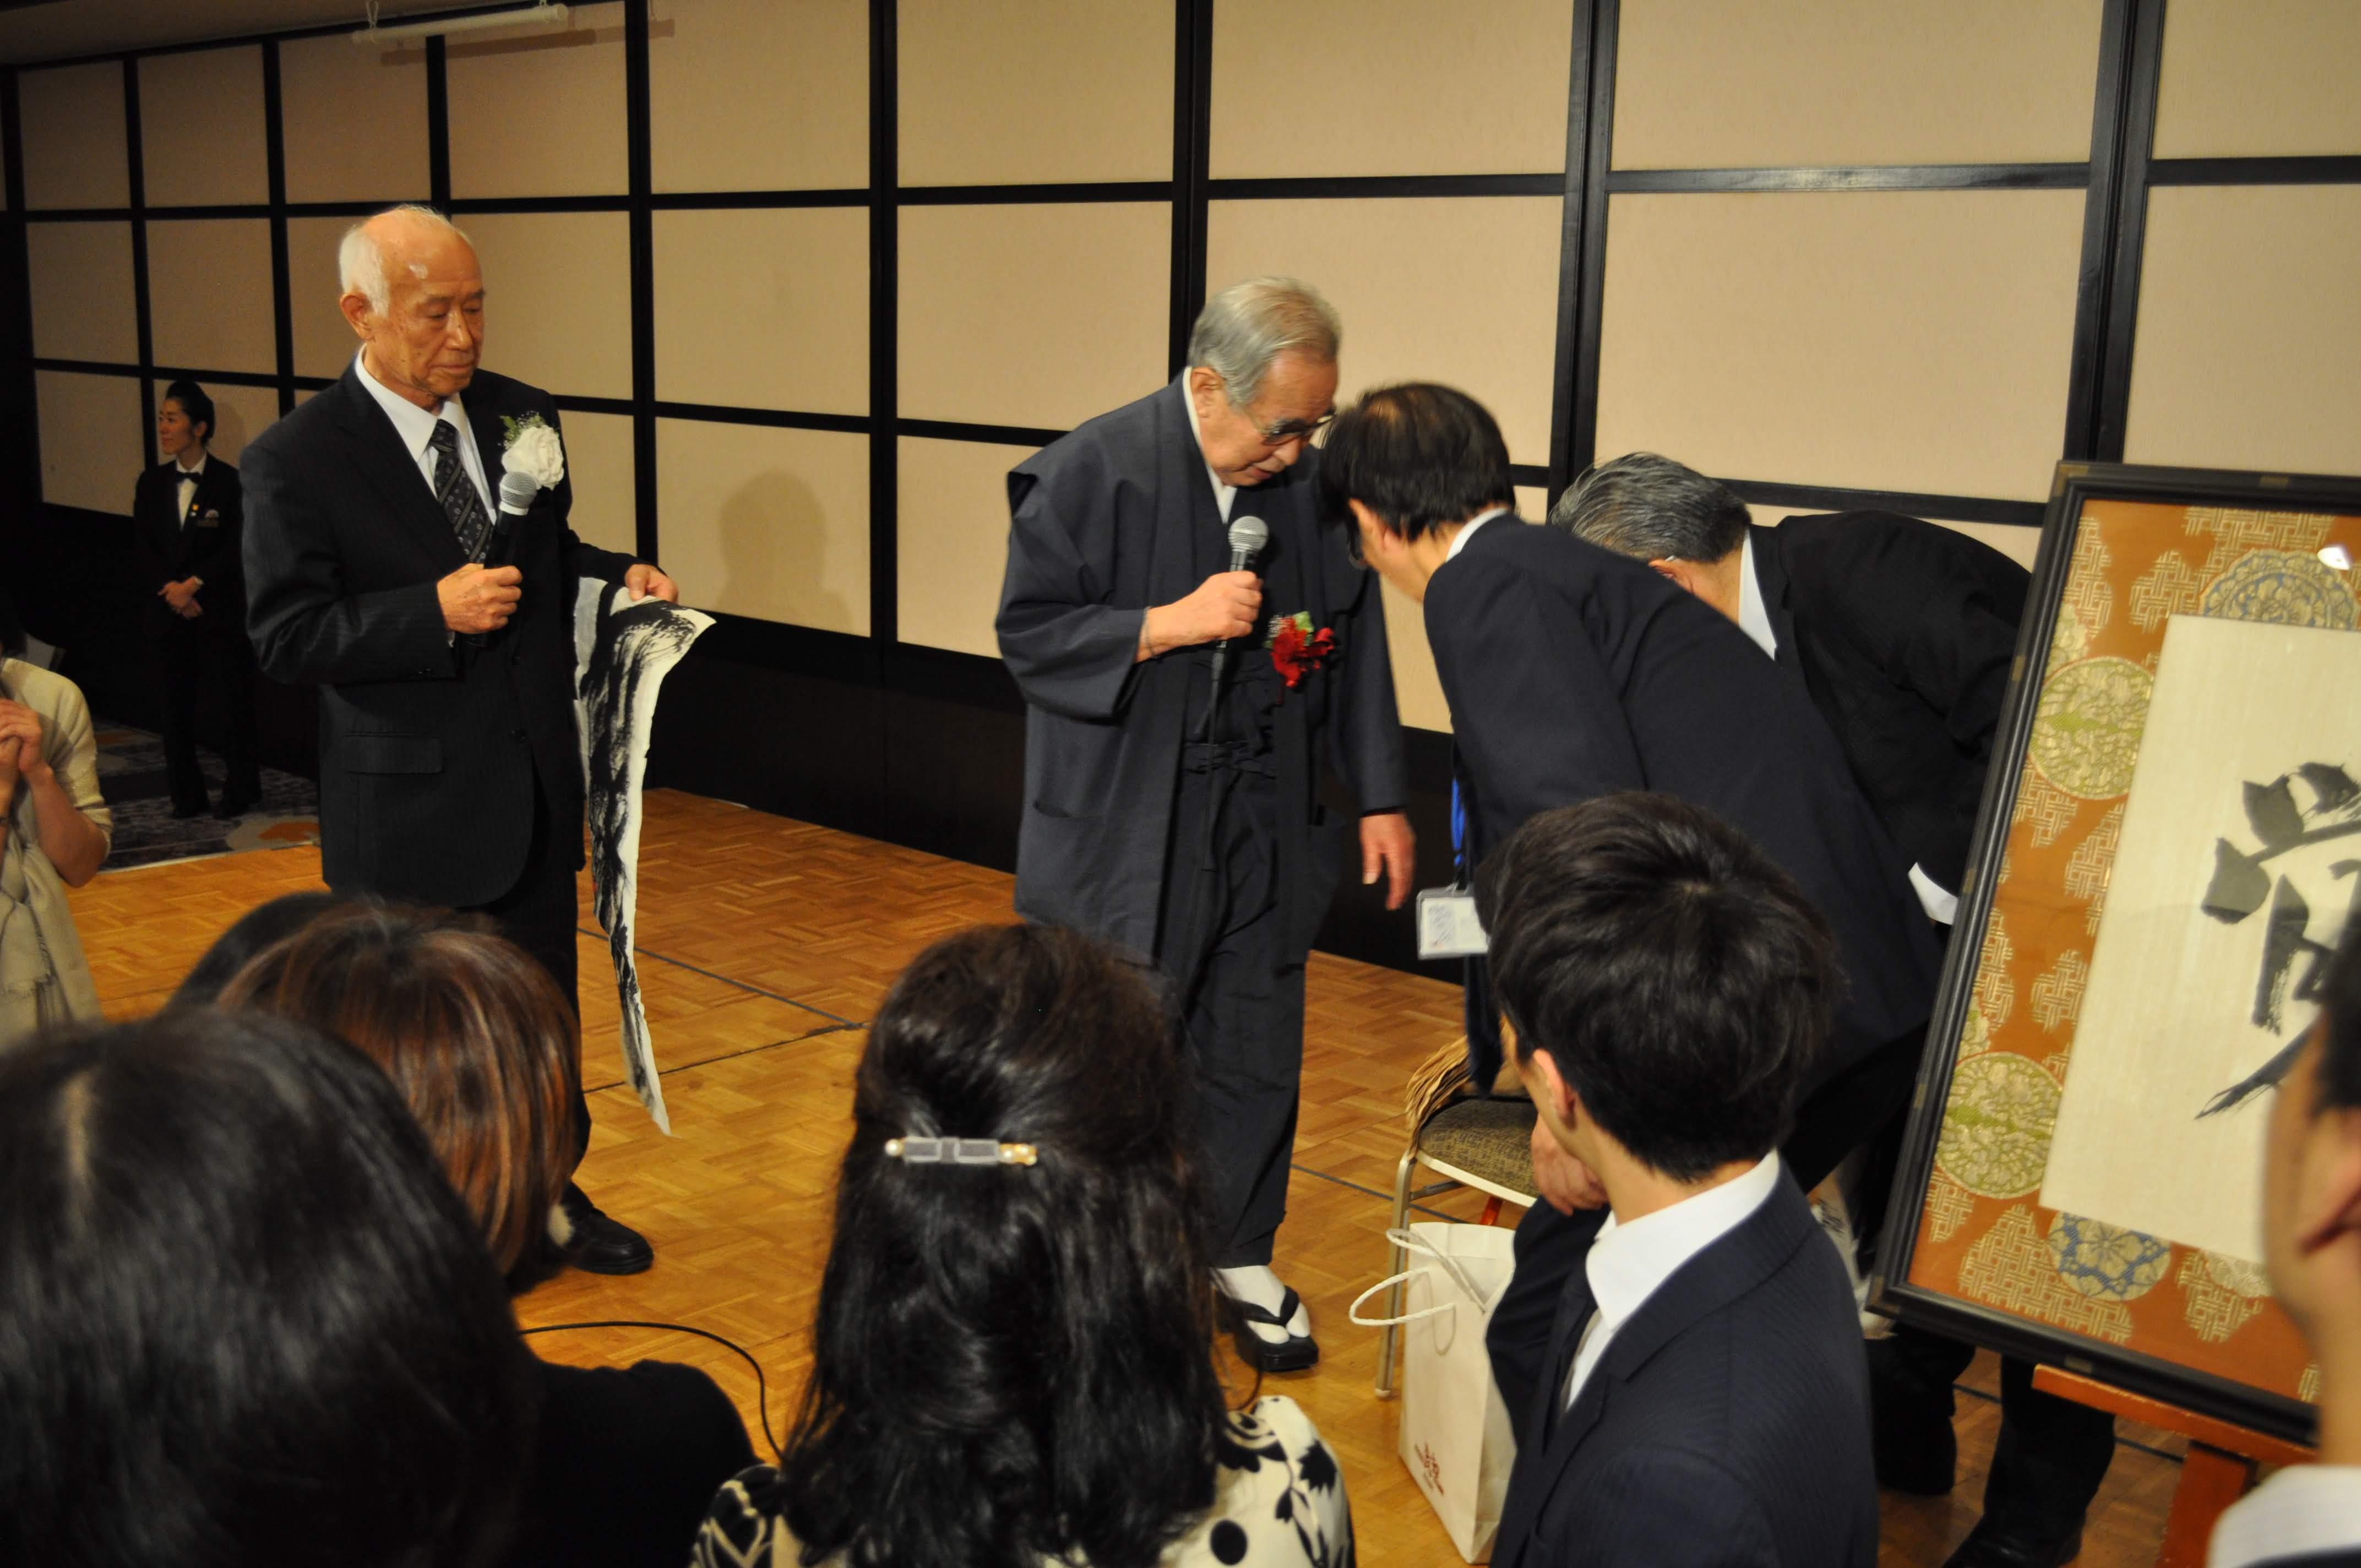 DSC 0589 1 - 思風会全国大会in広島